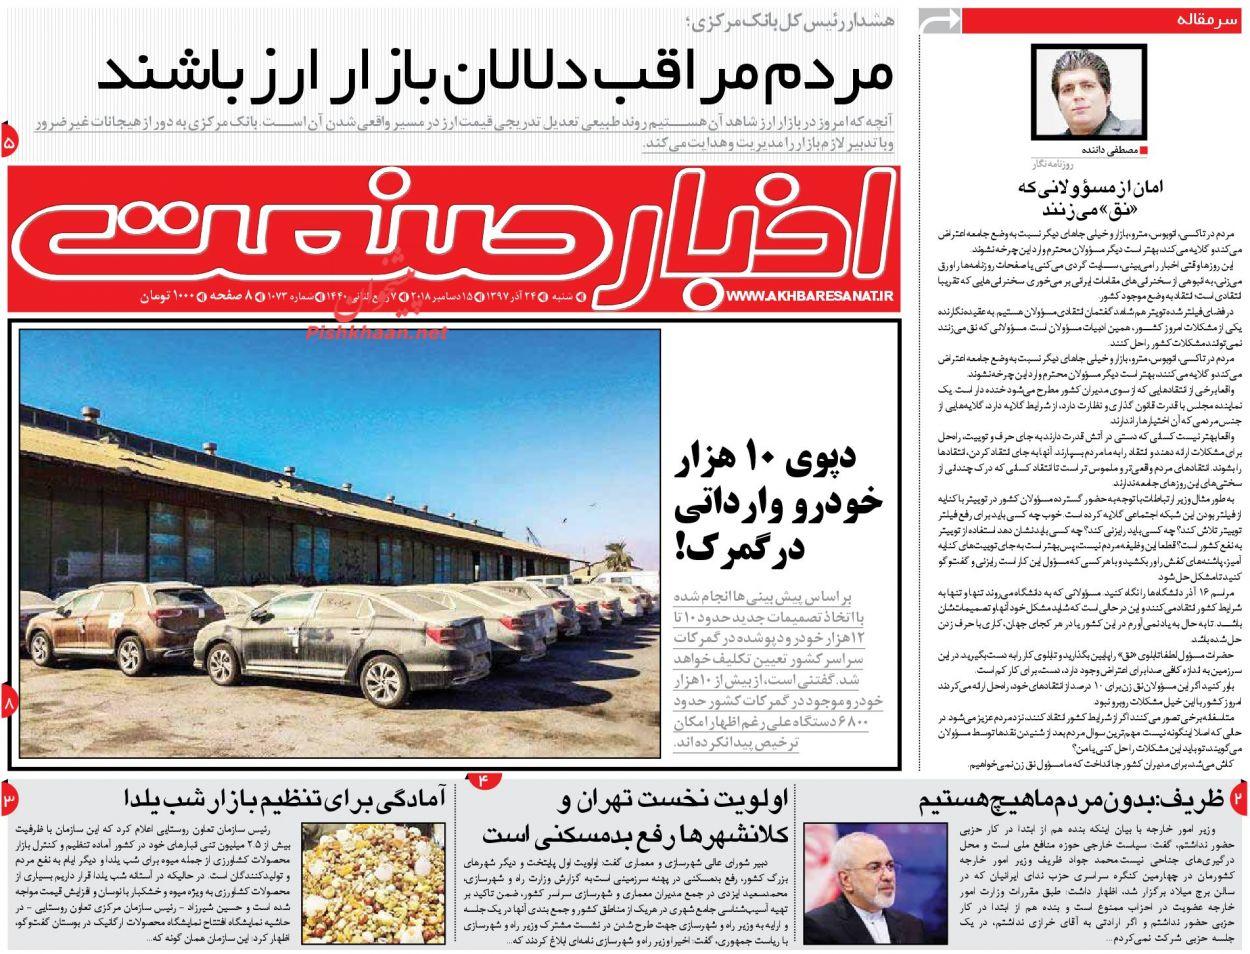 صفحه نخست روزنامههای اقتصادی ۲۴ آذر ماه